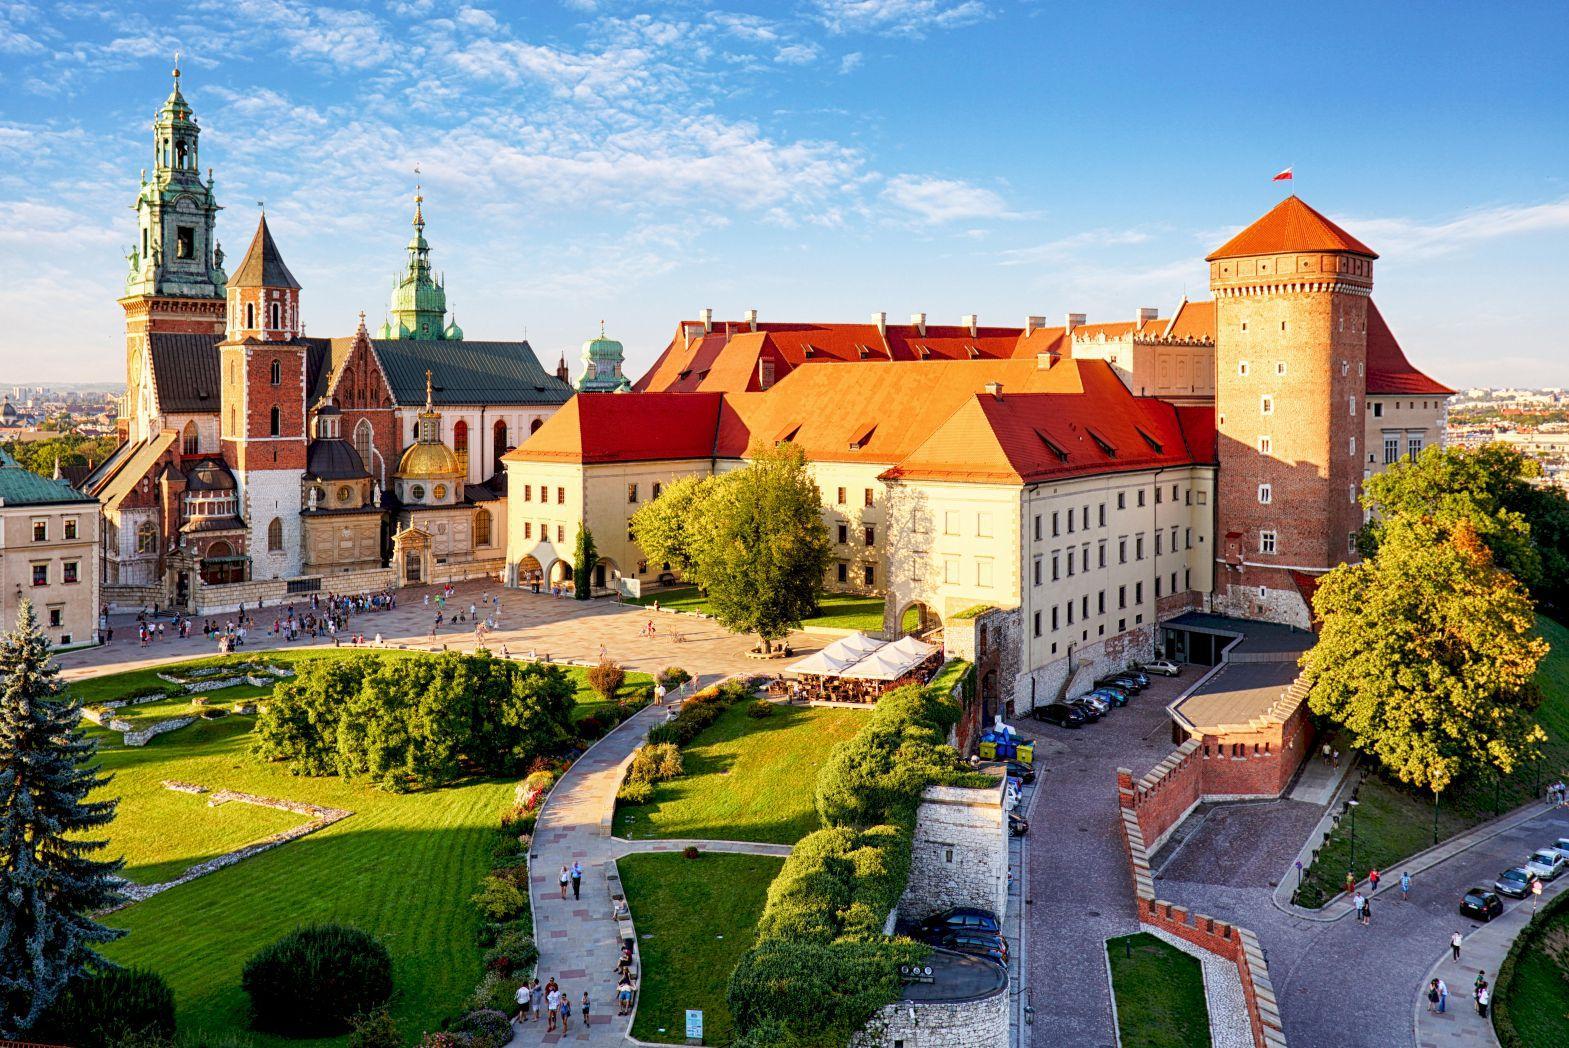 Wawel Castle in Krakow in summer